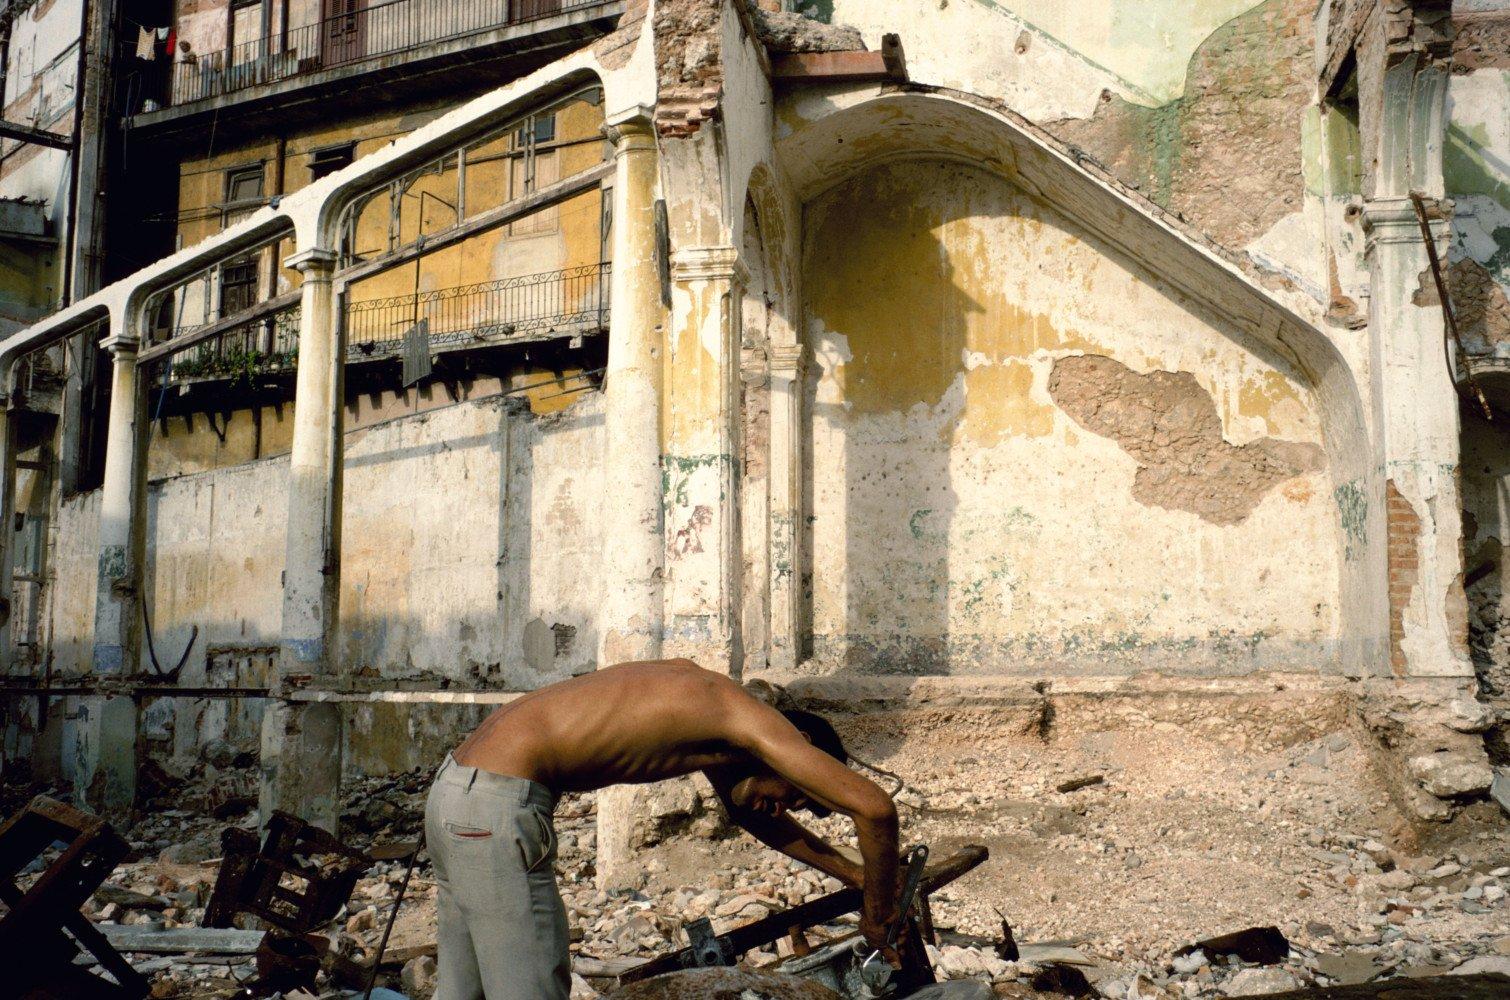 La Habana, Cuba 1993 © Alex Webb / Magnum Photos